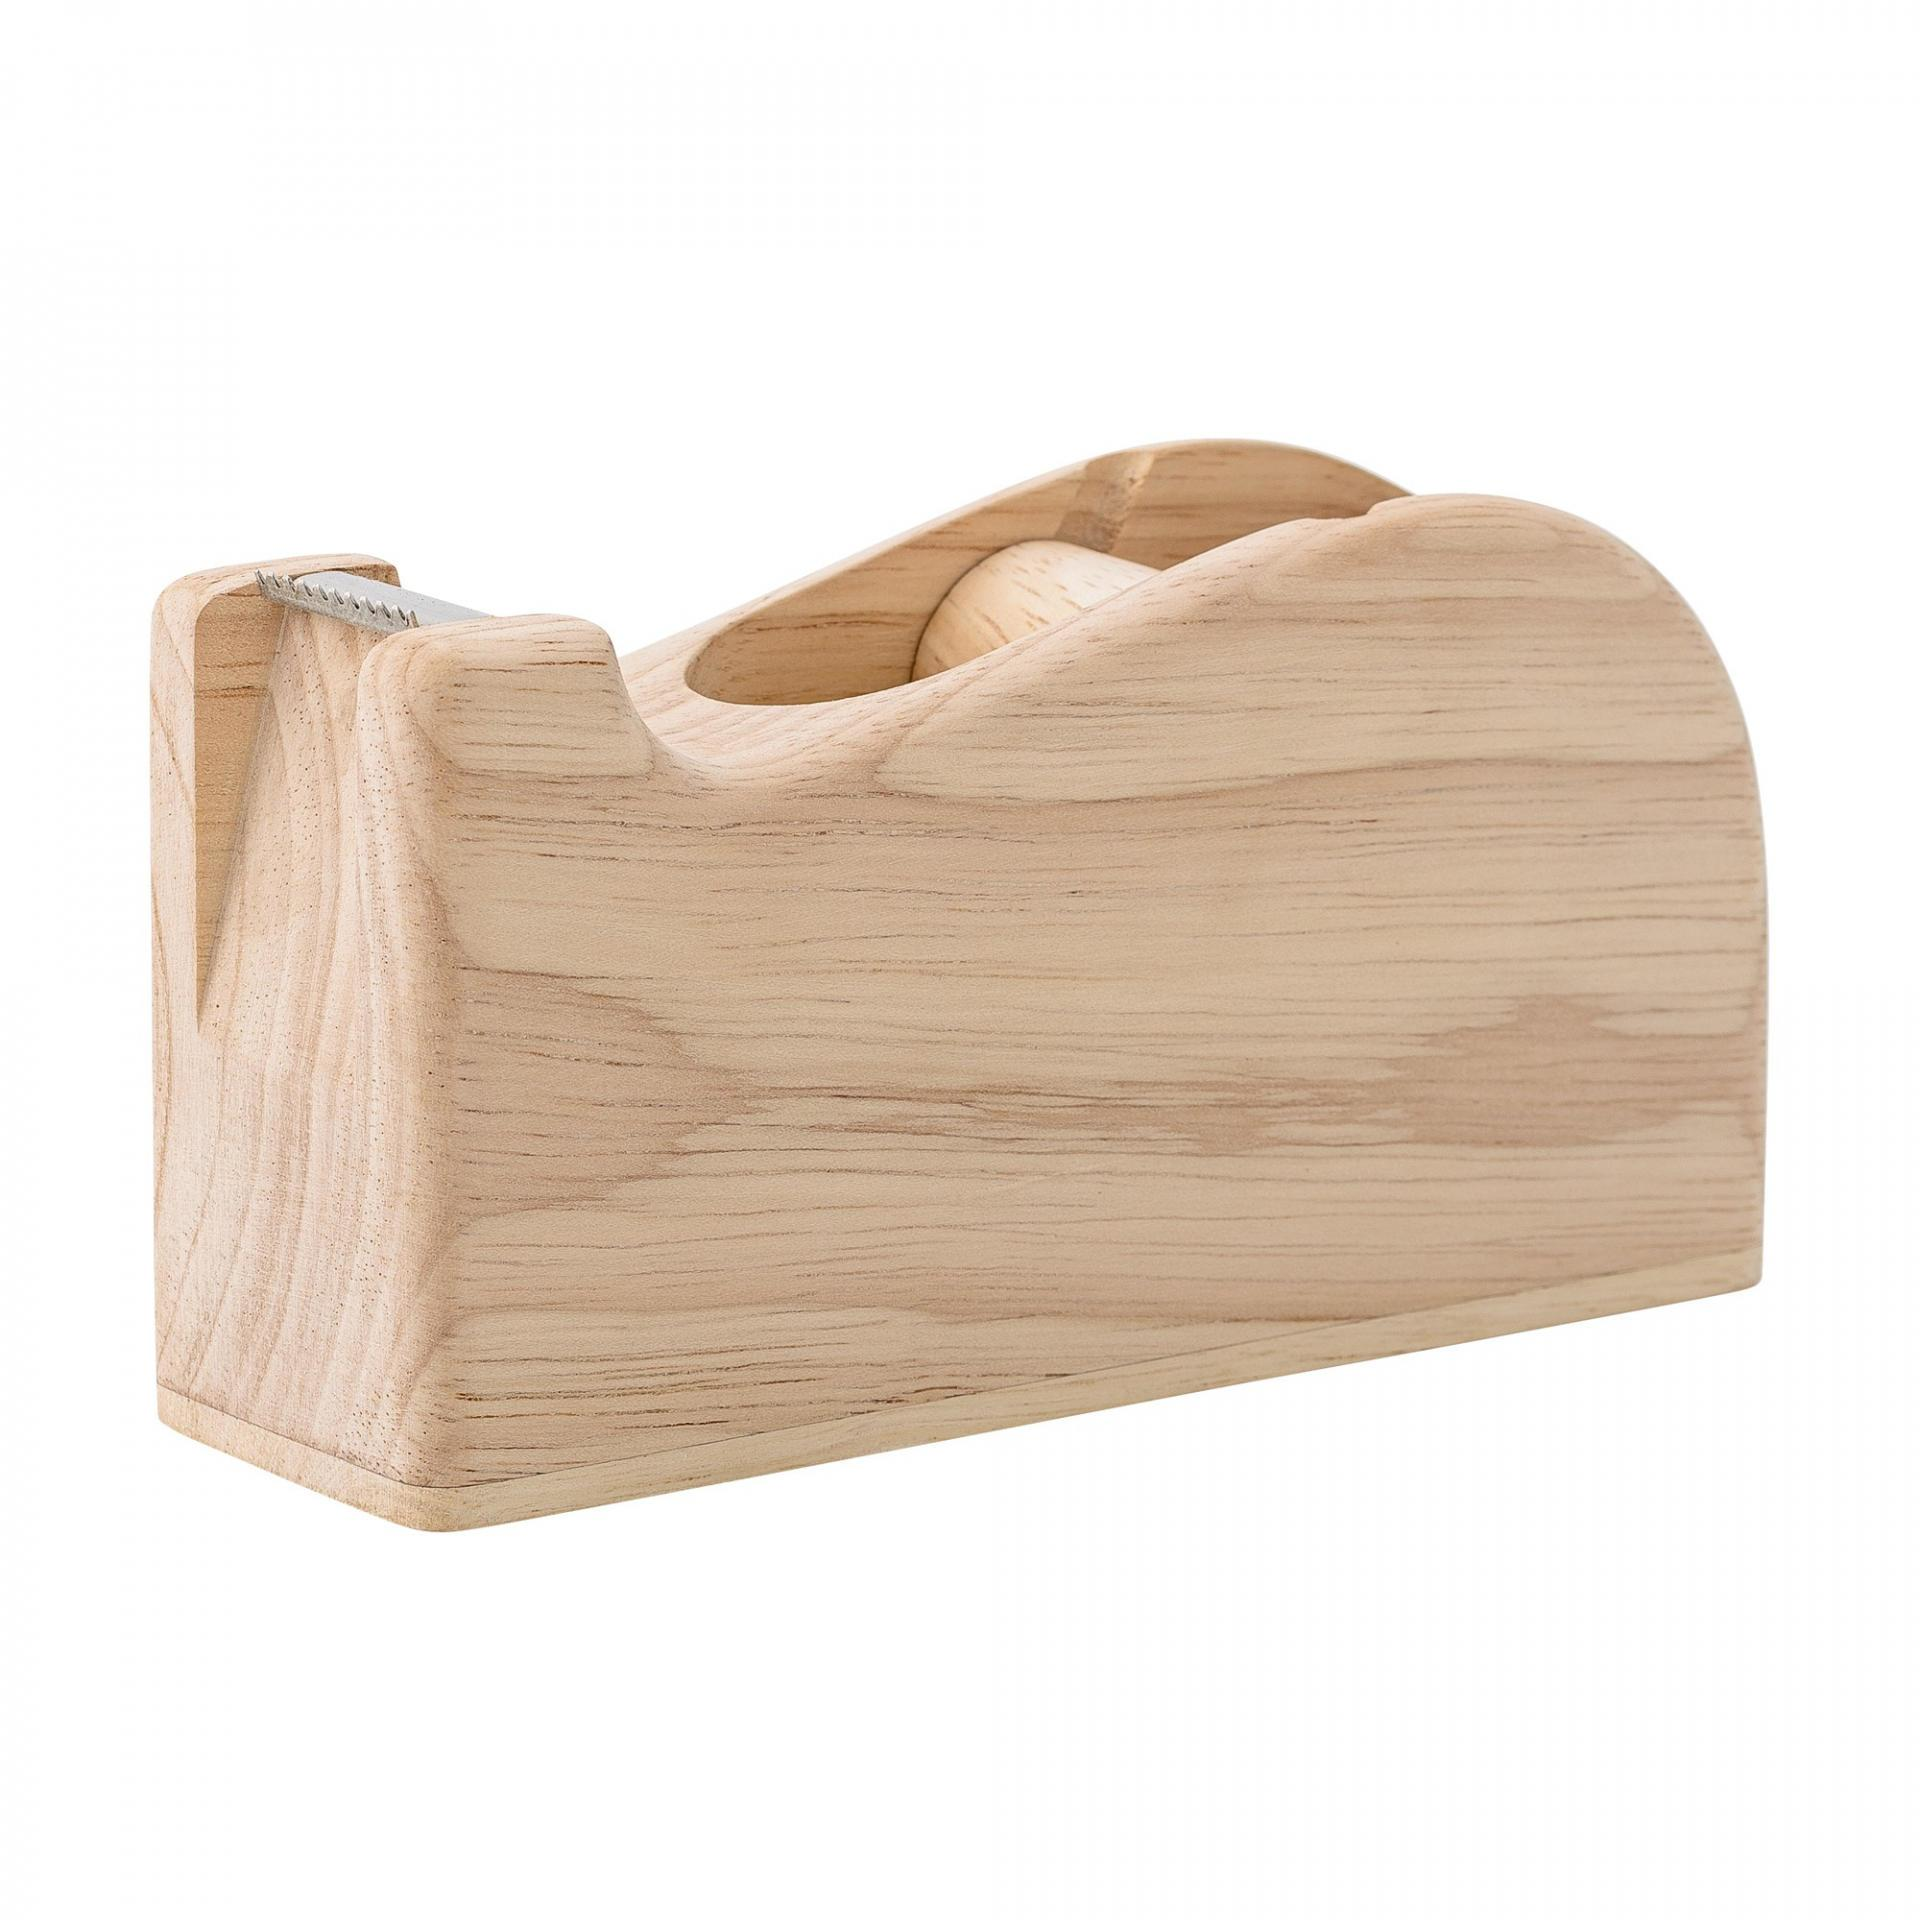 Bloomingville Dřevěný držák na lepící pásky Nature, hnědá barva, dřevo